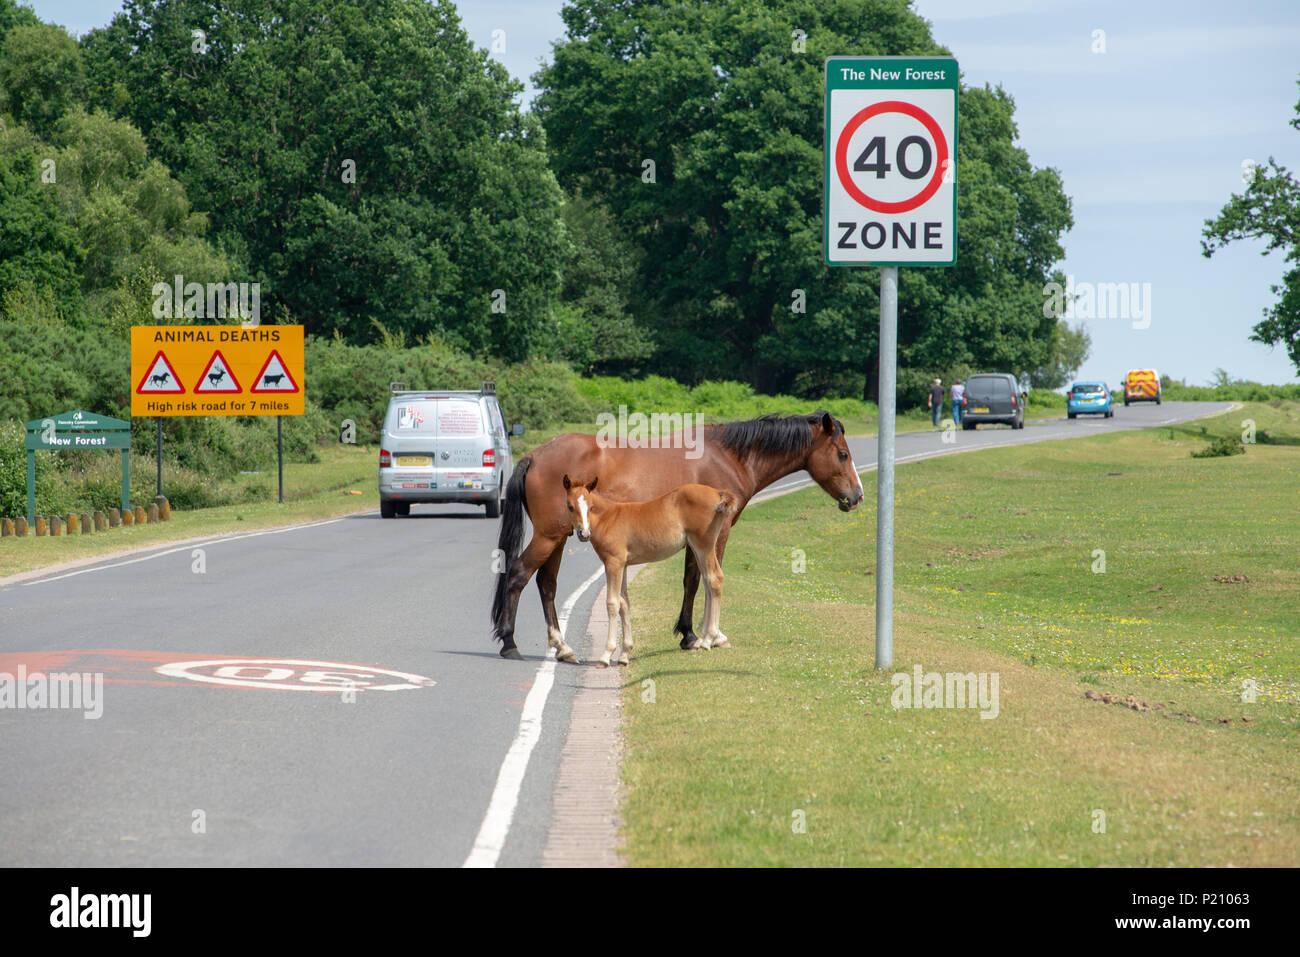 Nouvelle Forêt poneys, de la mère et de l'ânon, sur la route à proximité de Godshill Fordingbridge, Hampshire, Royaume-Uni Photo Stock